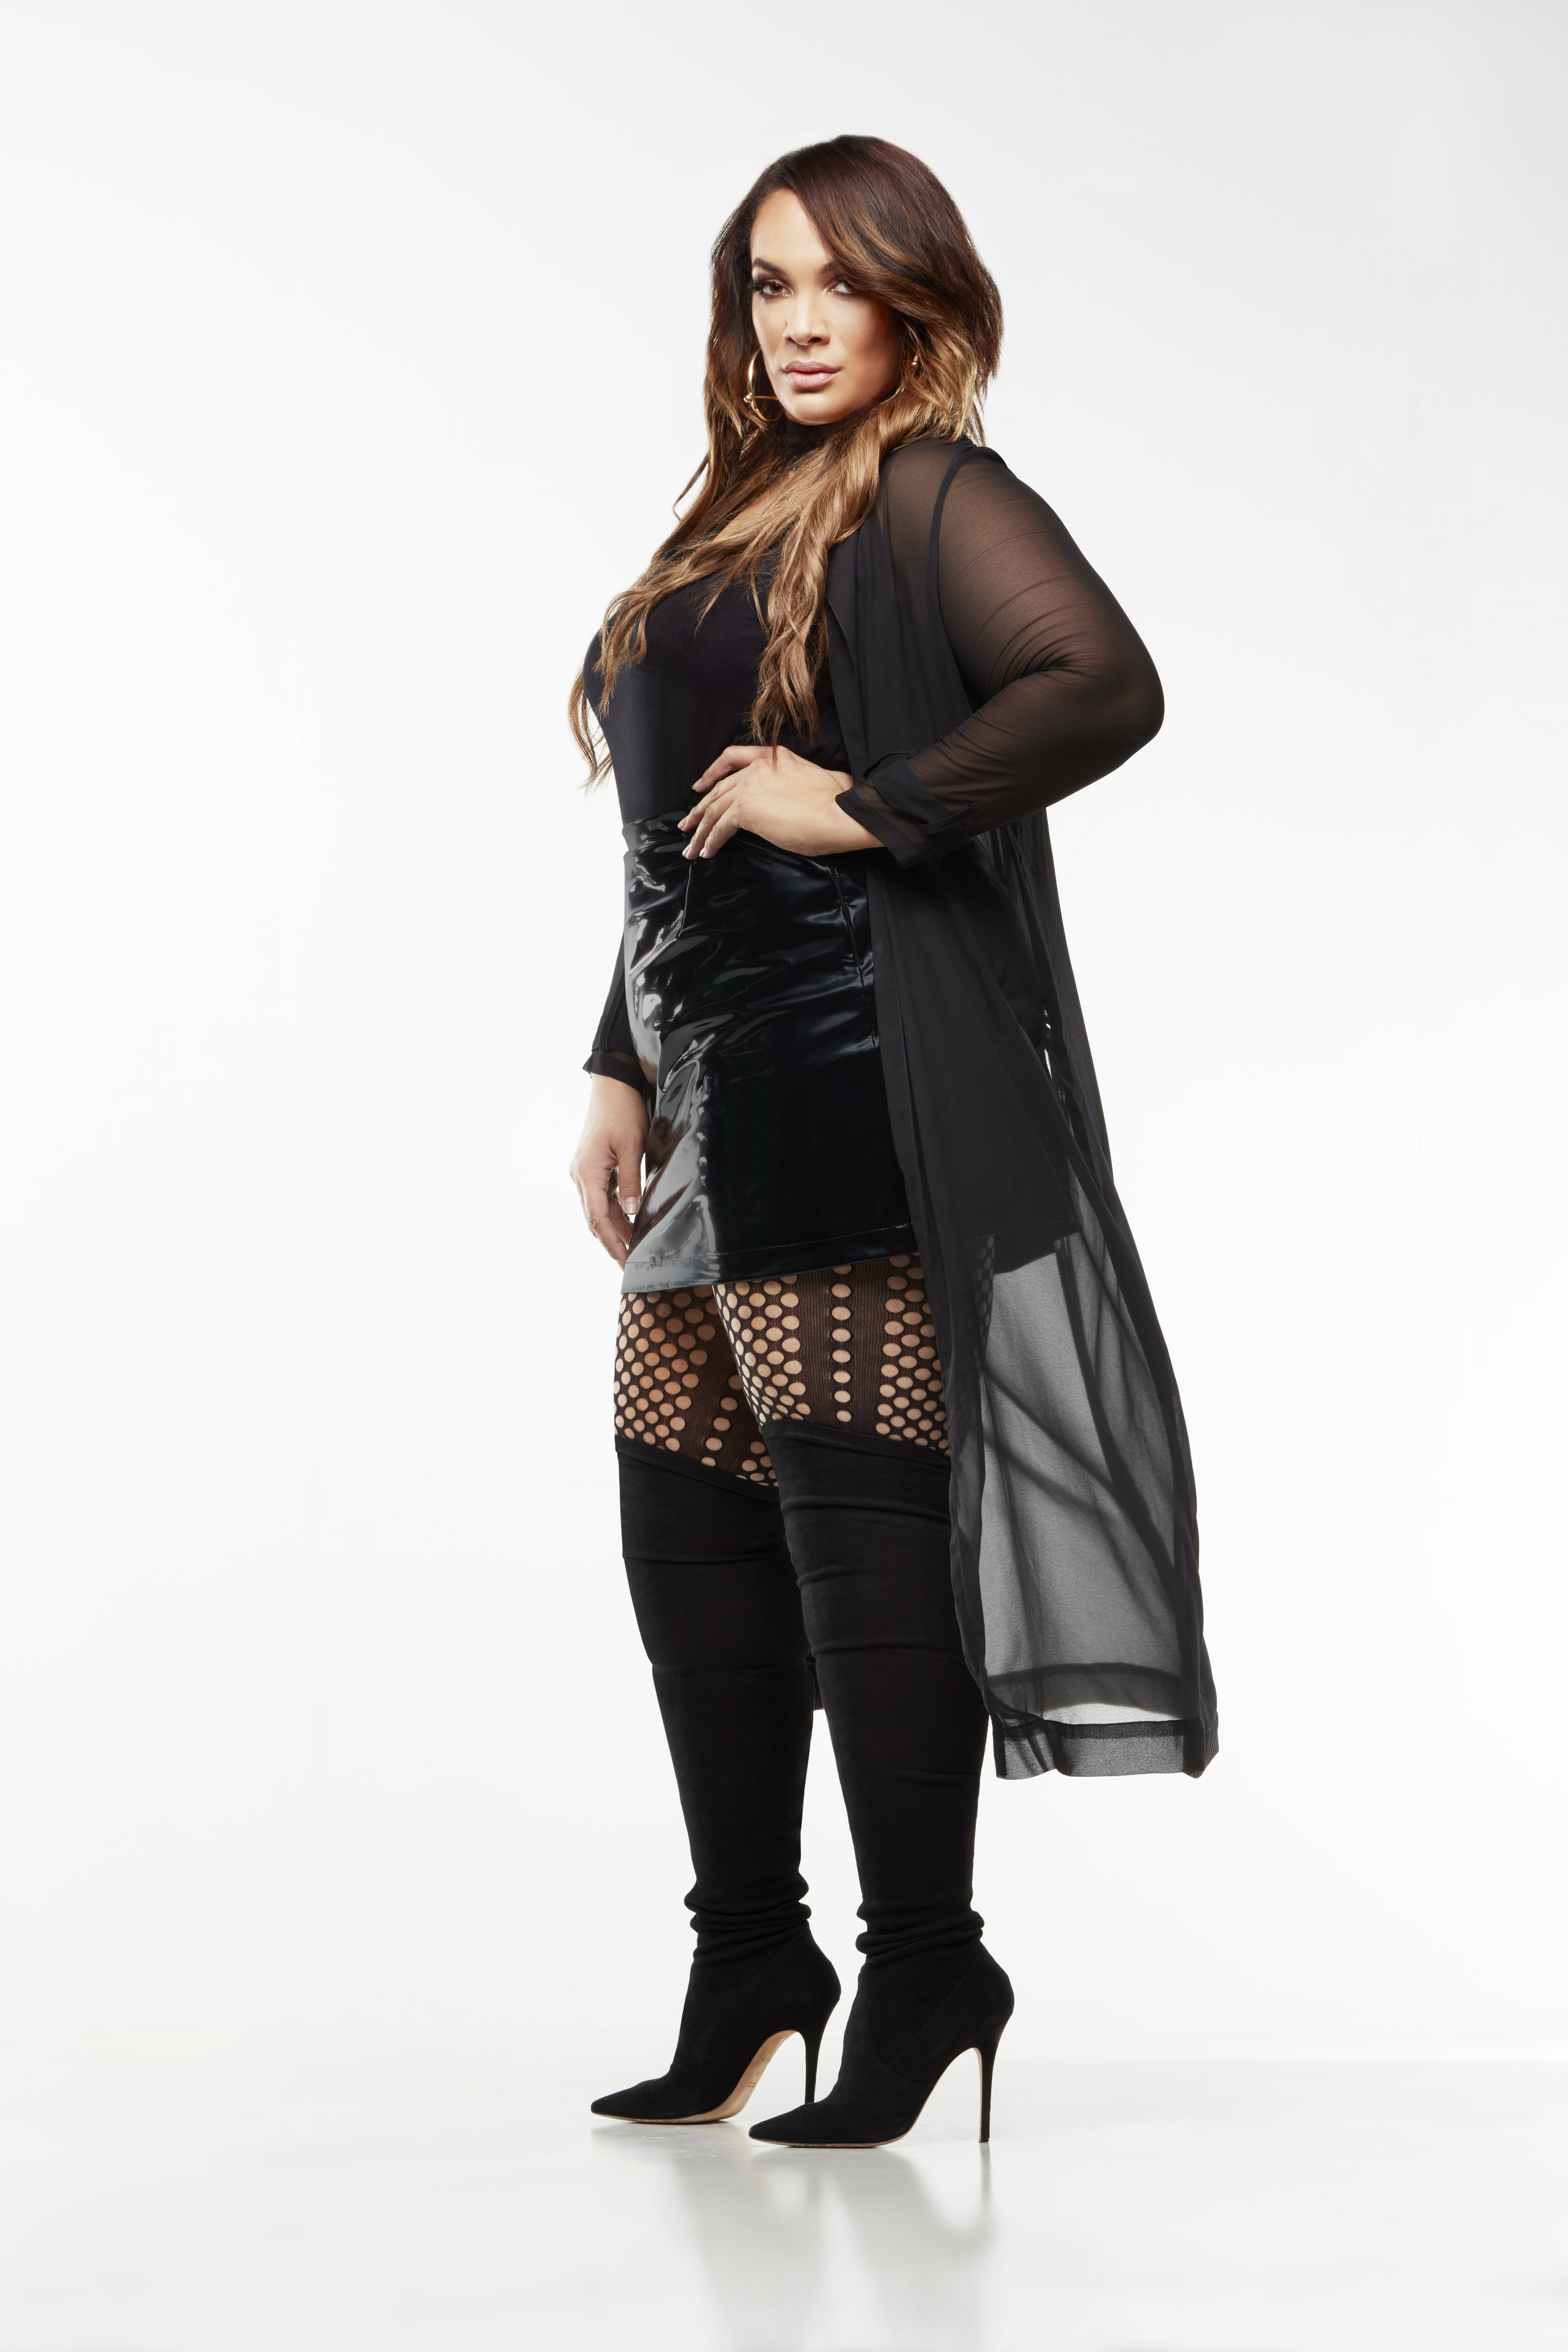 Nia Jax: WWE